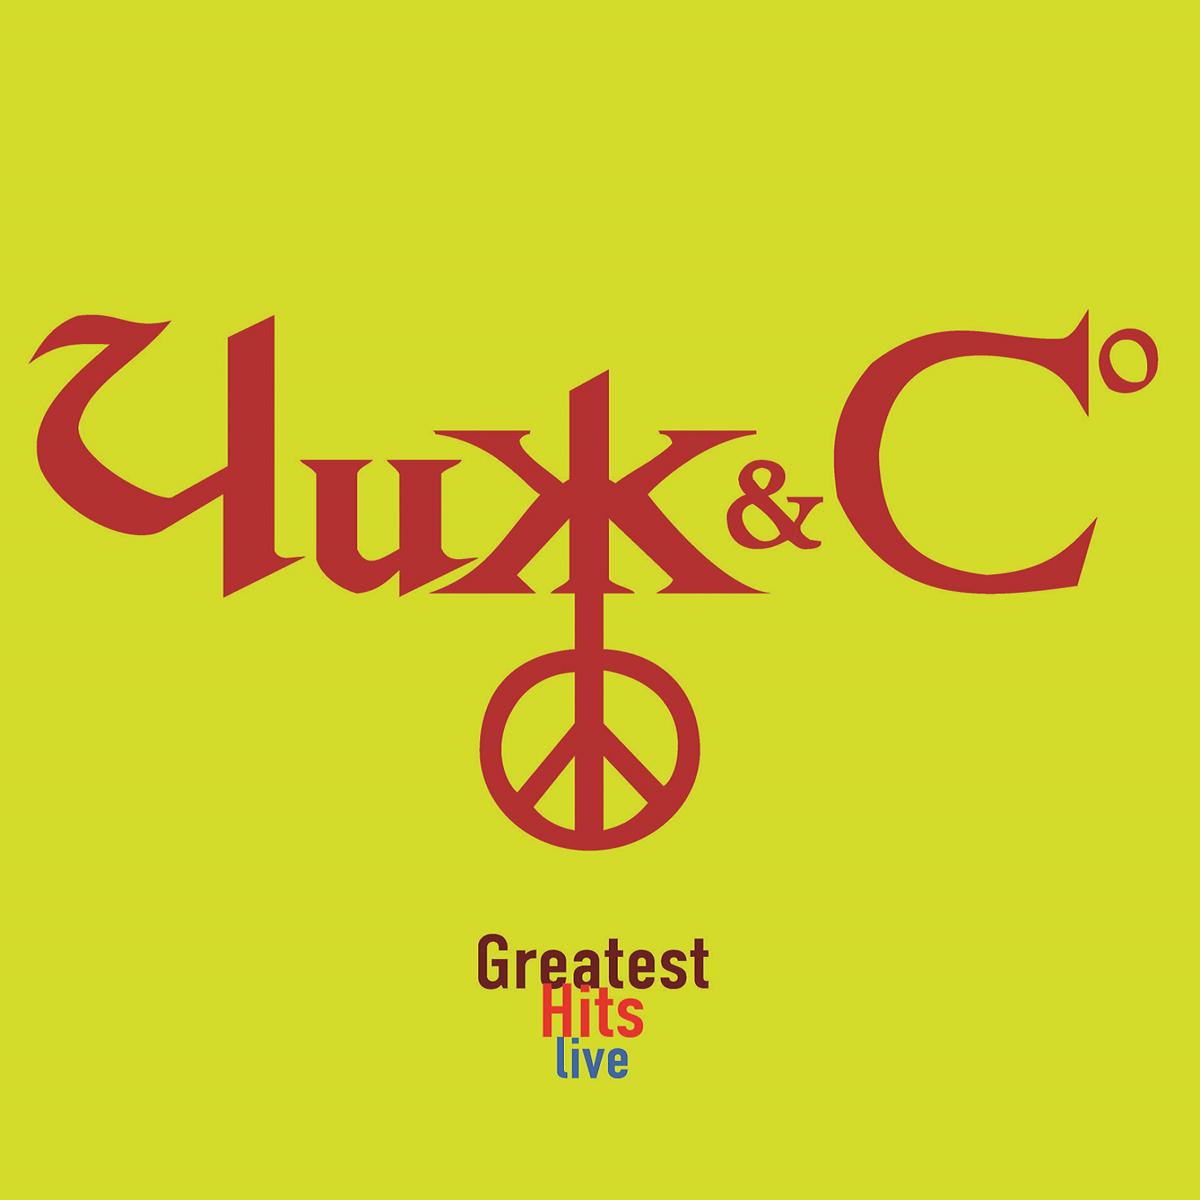 Чиж & Co Чиж & Co. Greatest Hits Live (LP) чиж и co